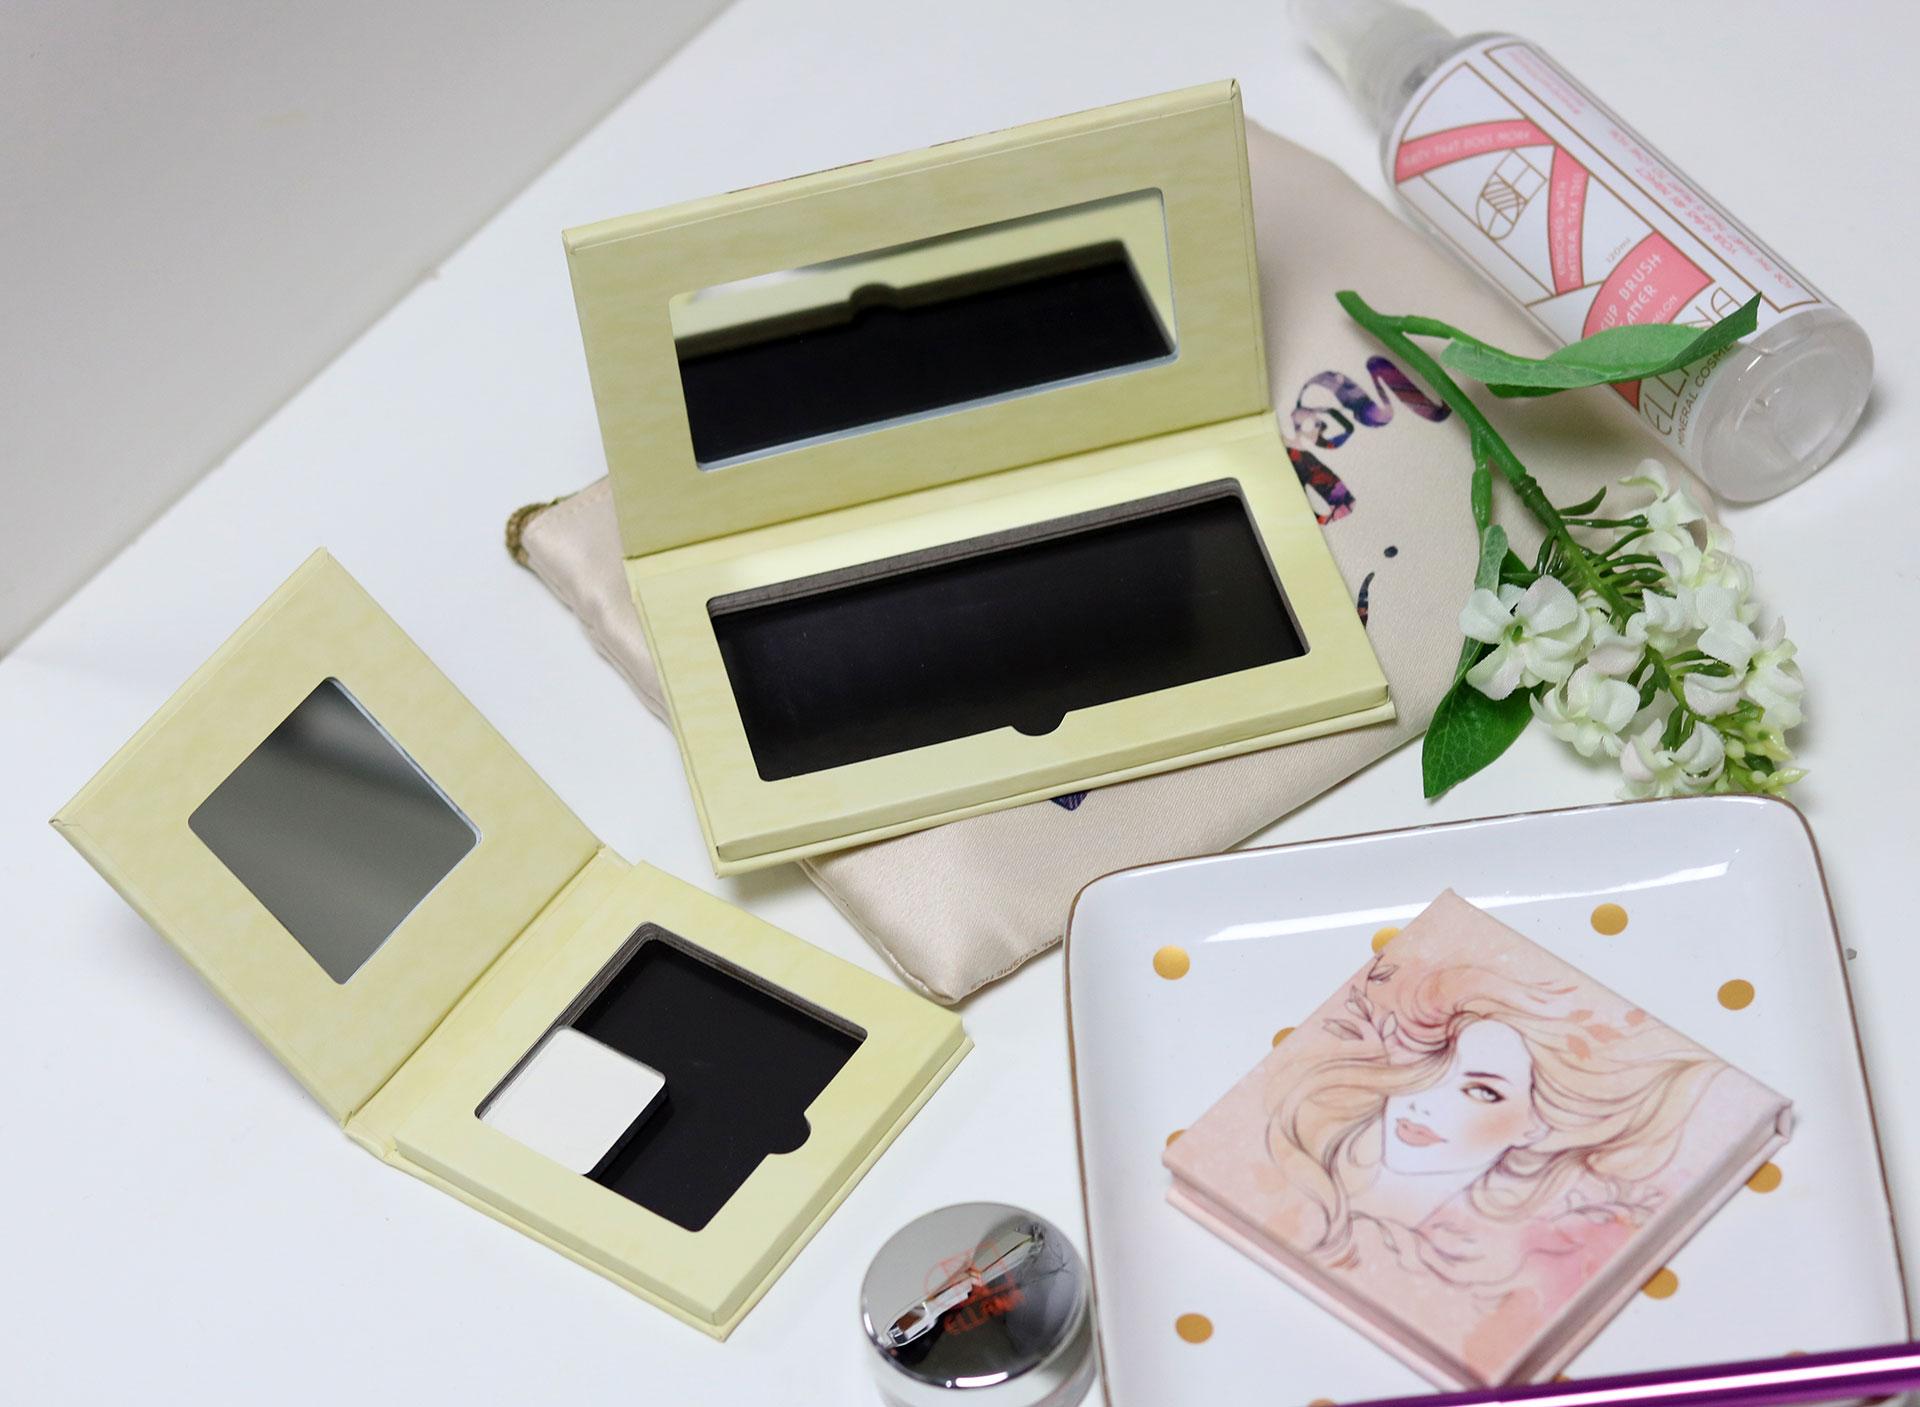 2 Ellana Cosmetics Multipurpose Pressed Pigments